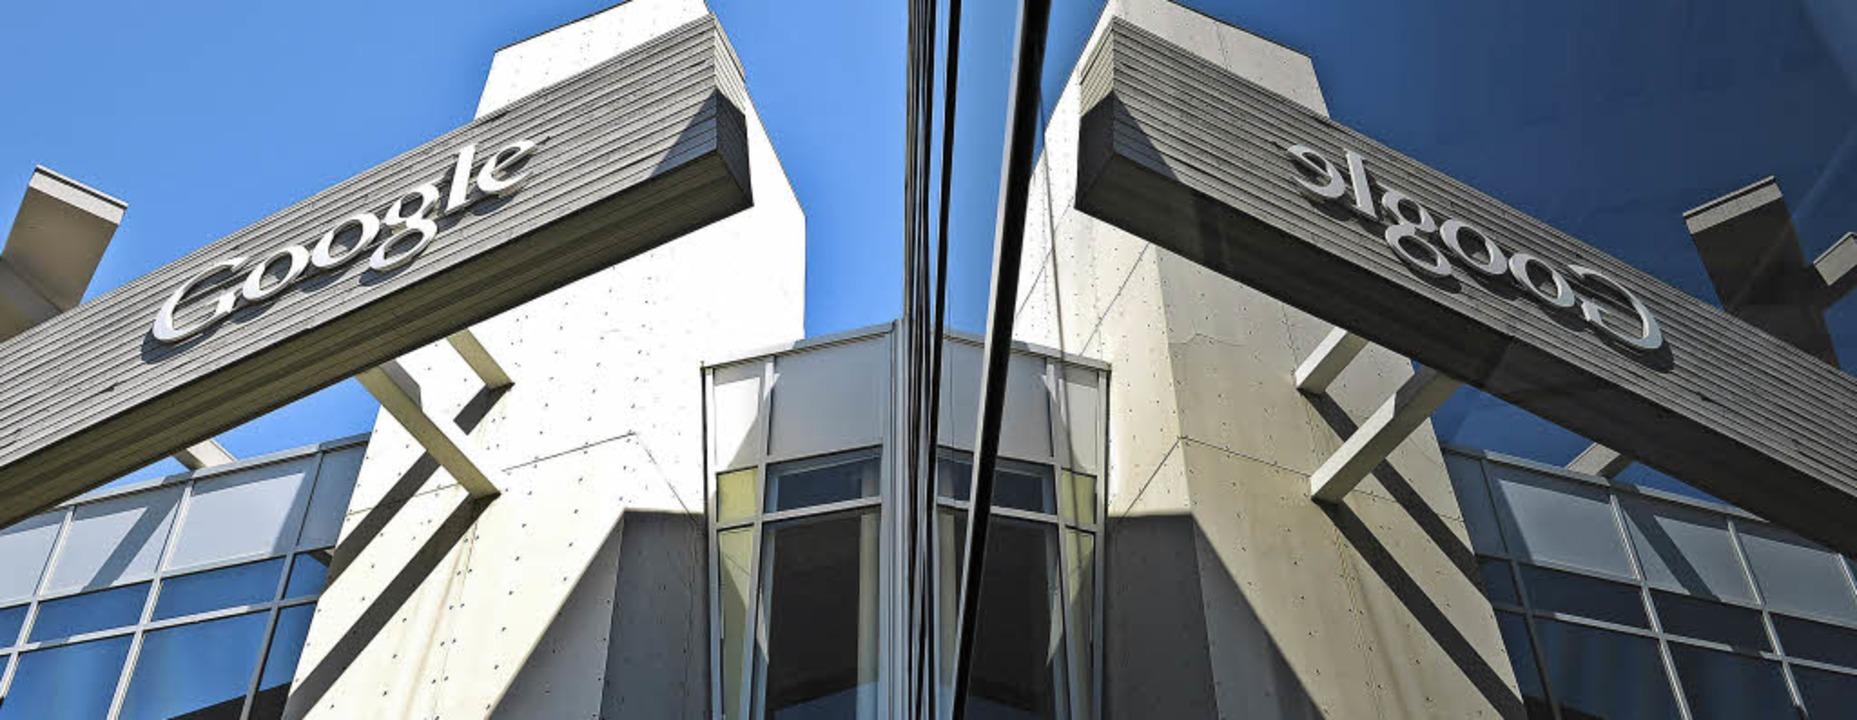 Eingang in die Google-Welt: Das Konzerngebäude im Silicon Valley   | Foto: dpa